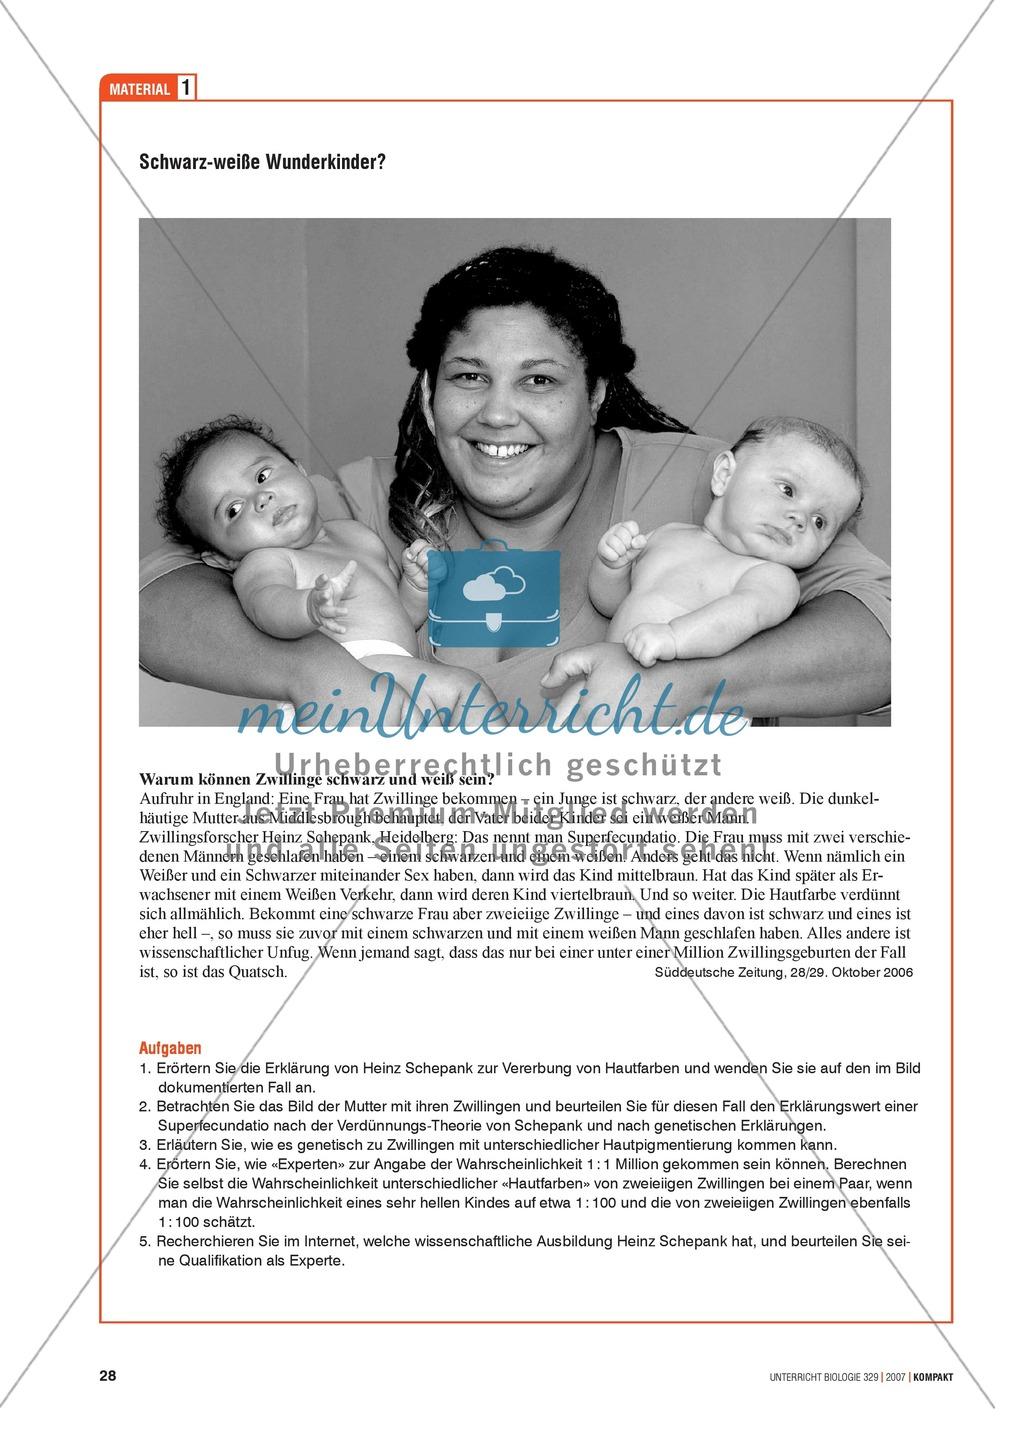 Alltagsvorstellungen zur Genetik - Gene, Merkmale und Rekombination: Info-Text und Aufgaben Preview 4